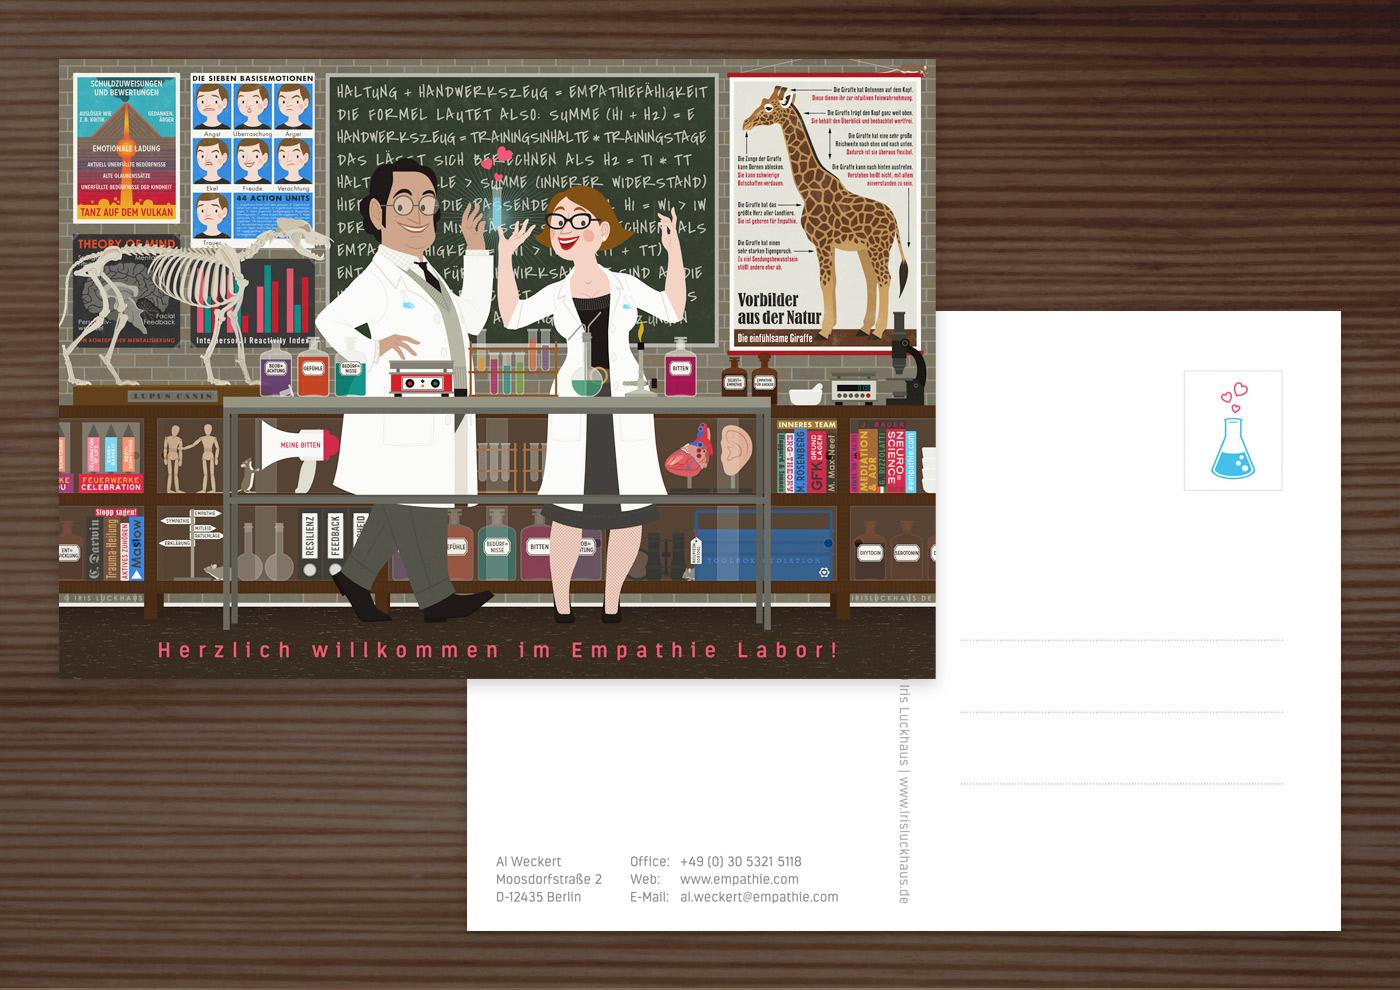 Postkarte mit einem Empathie-Labor, wo Chemikerin und Chemiker in einem Labor mit Reagenzgläsern und Laborkolben, einem Wolfsskelett und Infografik zu Mimikresonanz, Vulkan und Giraffe die Formel für Empathie finden, für EmpaTrain